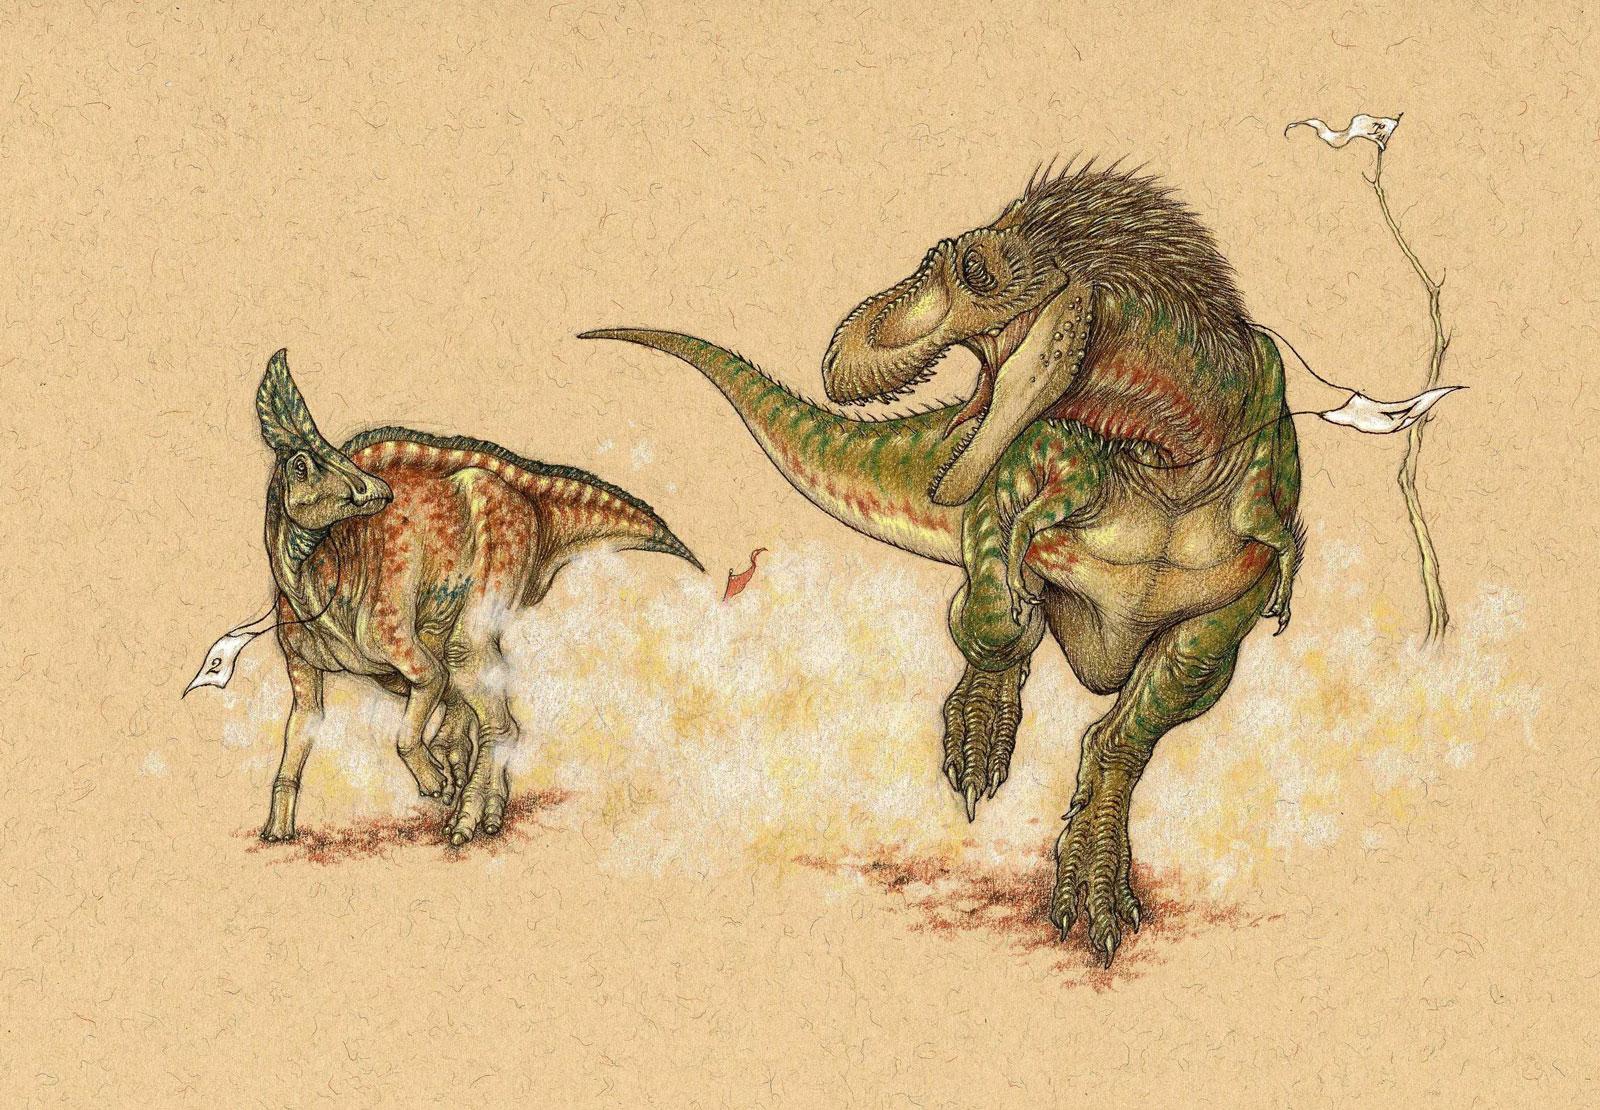 Dinosaur Race – Tyrannosaurus Rex wins